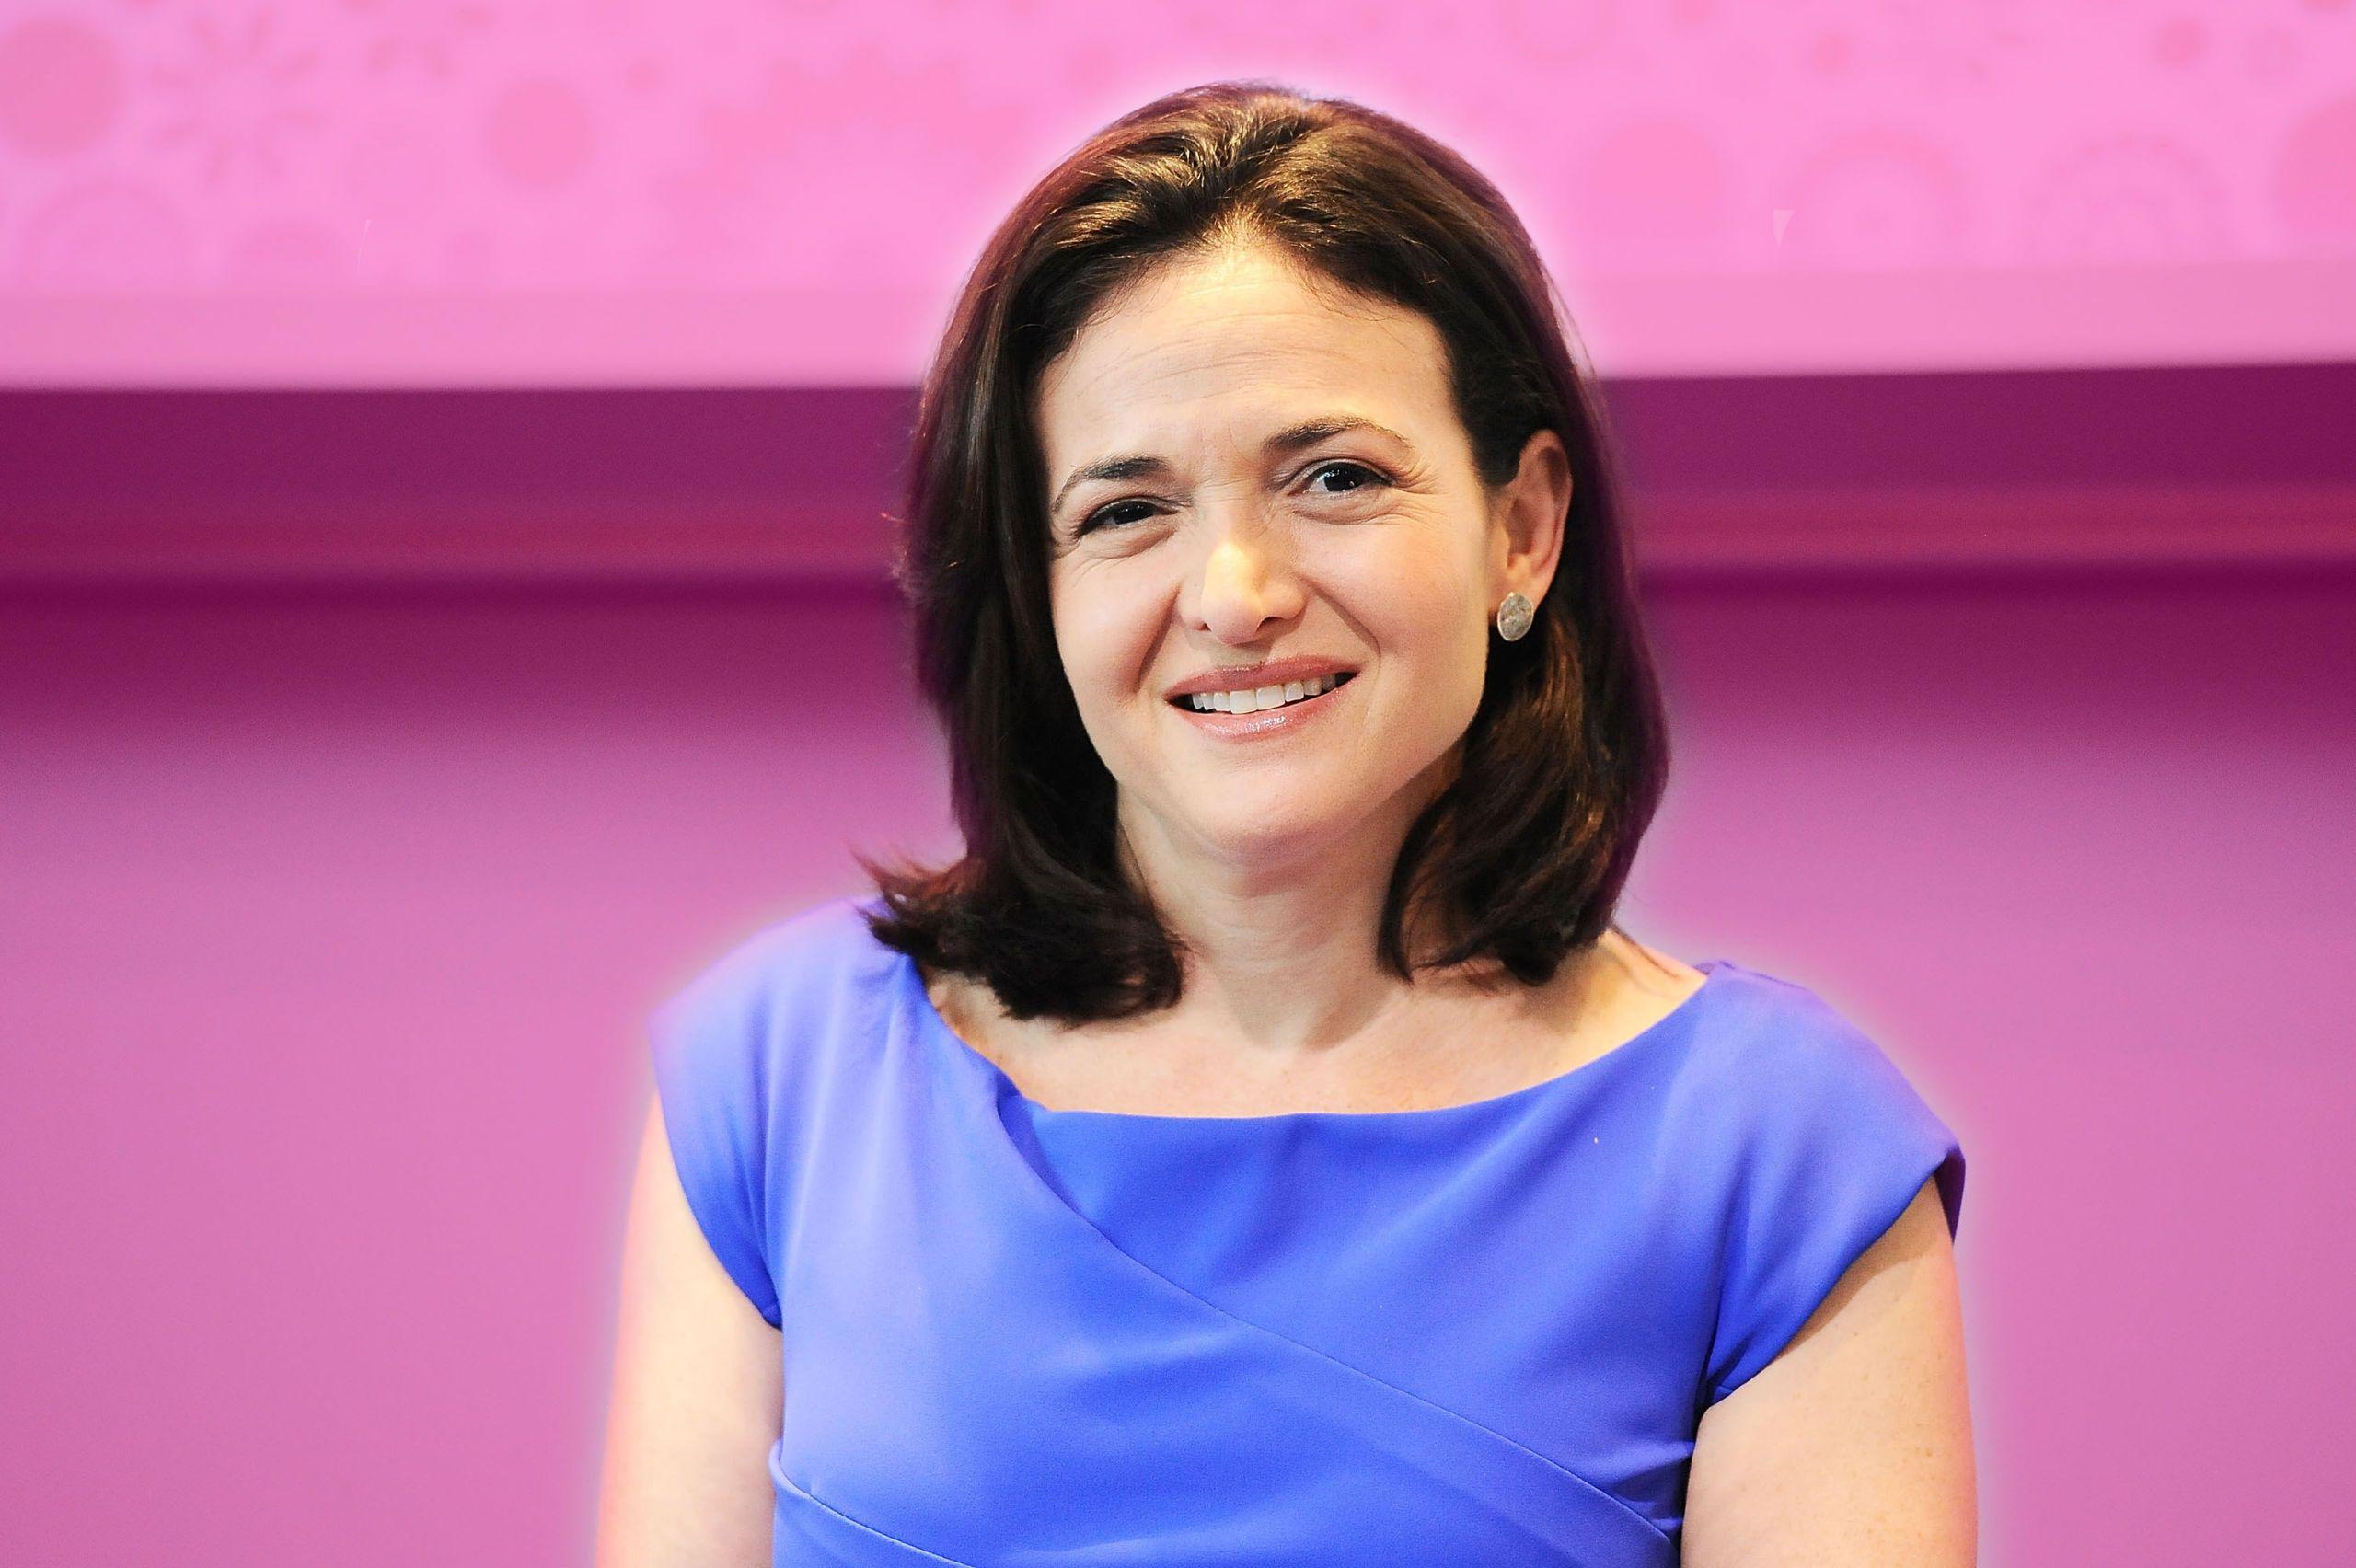 Sheryl Sandberg Gives an Emotional Speech About Her Husband's Death at Berkeley Graduation